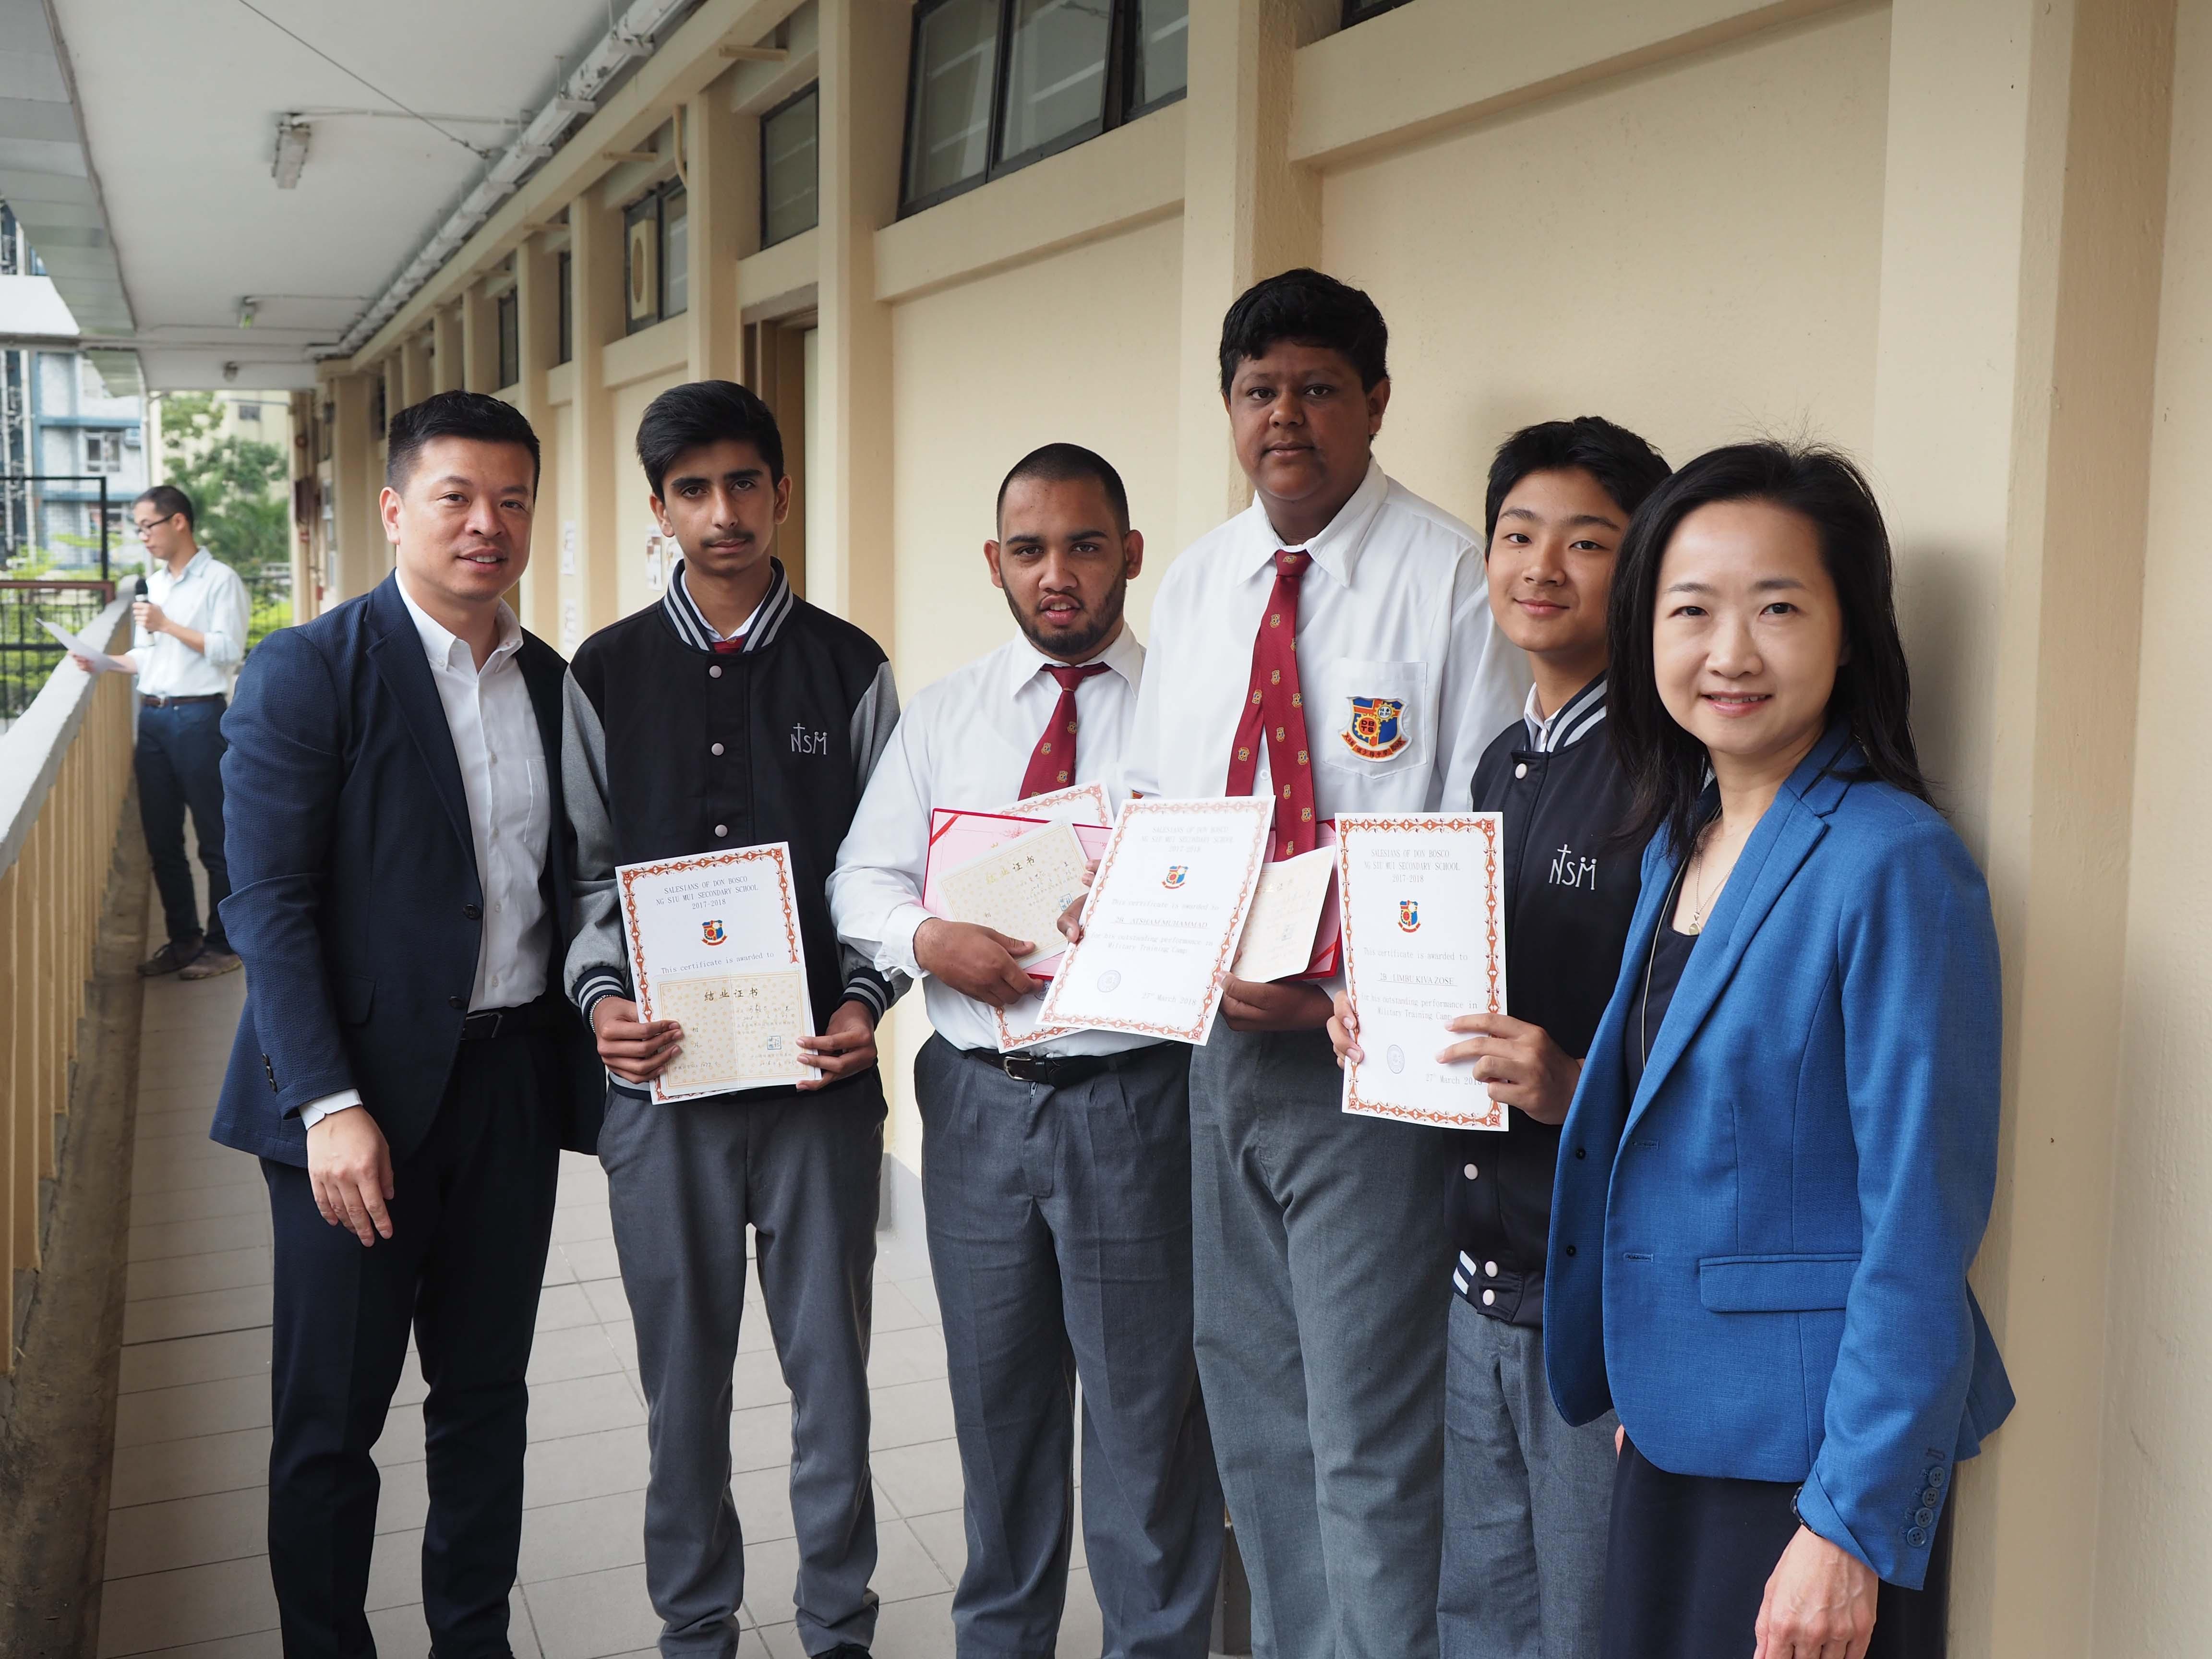 天主教慈幼會伍少梅中學的蔡海偉先生來訪相片7